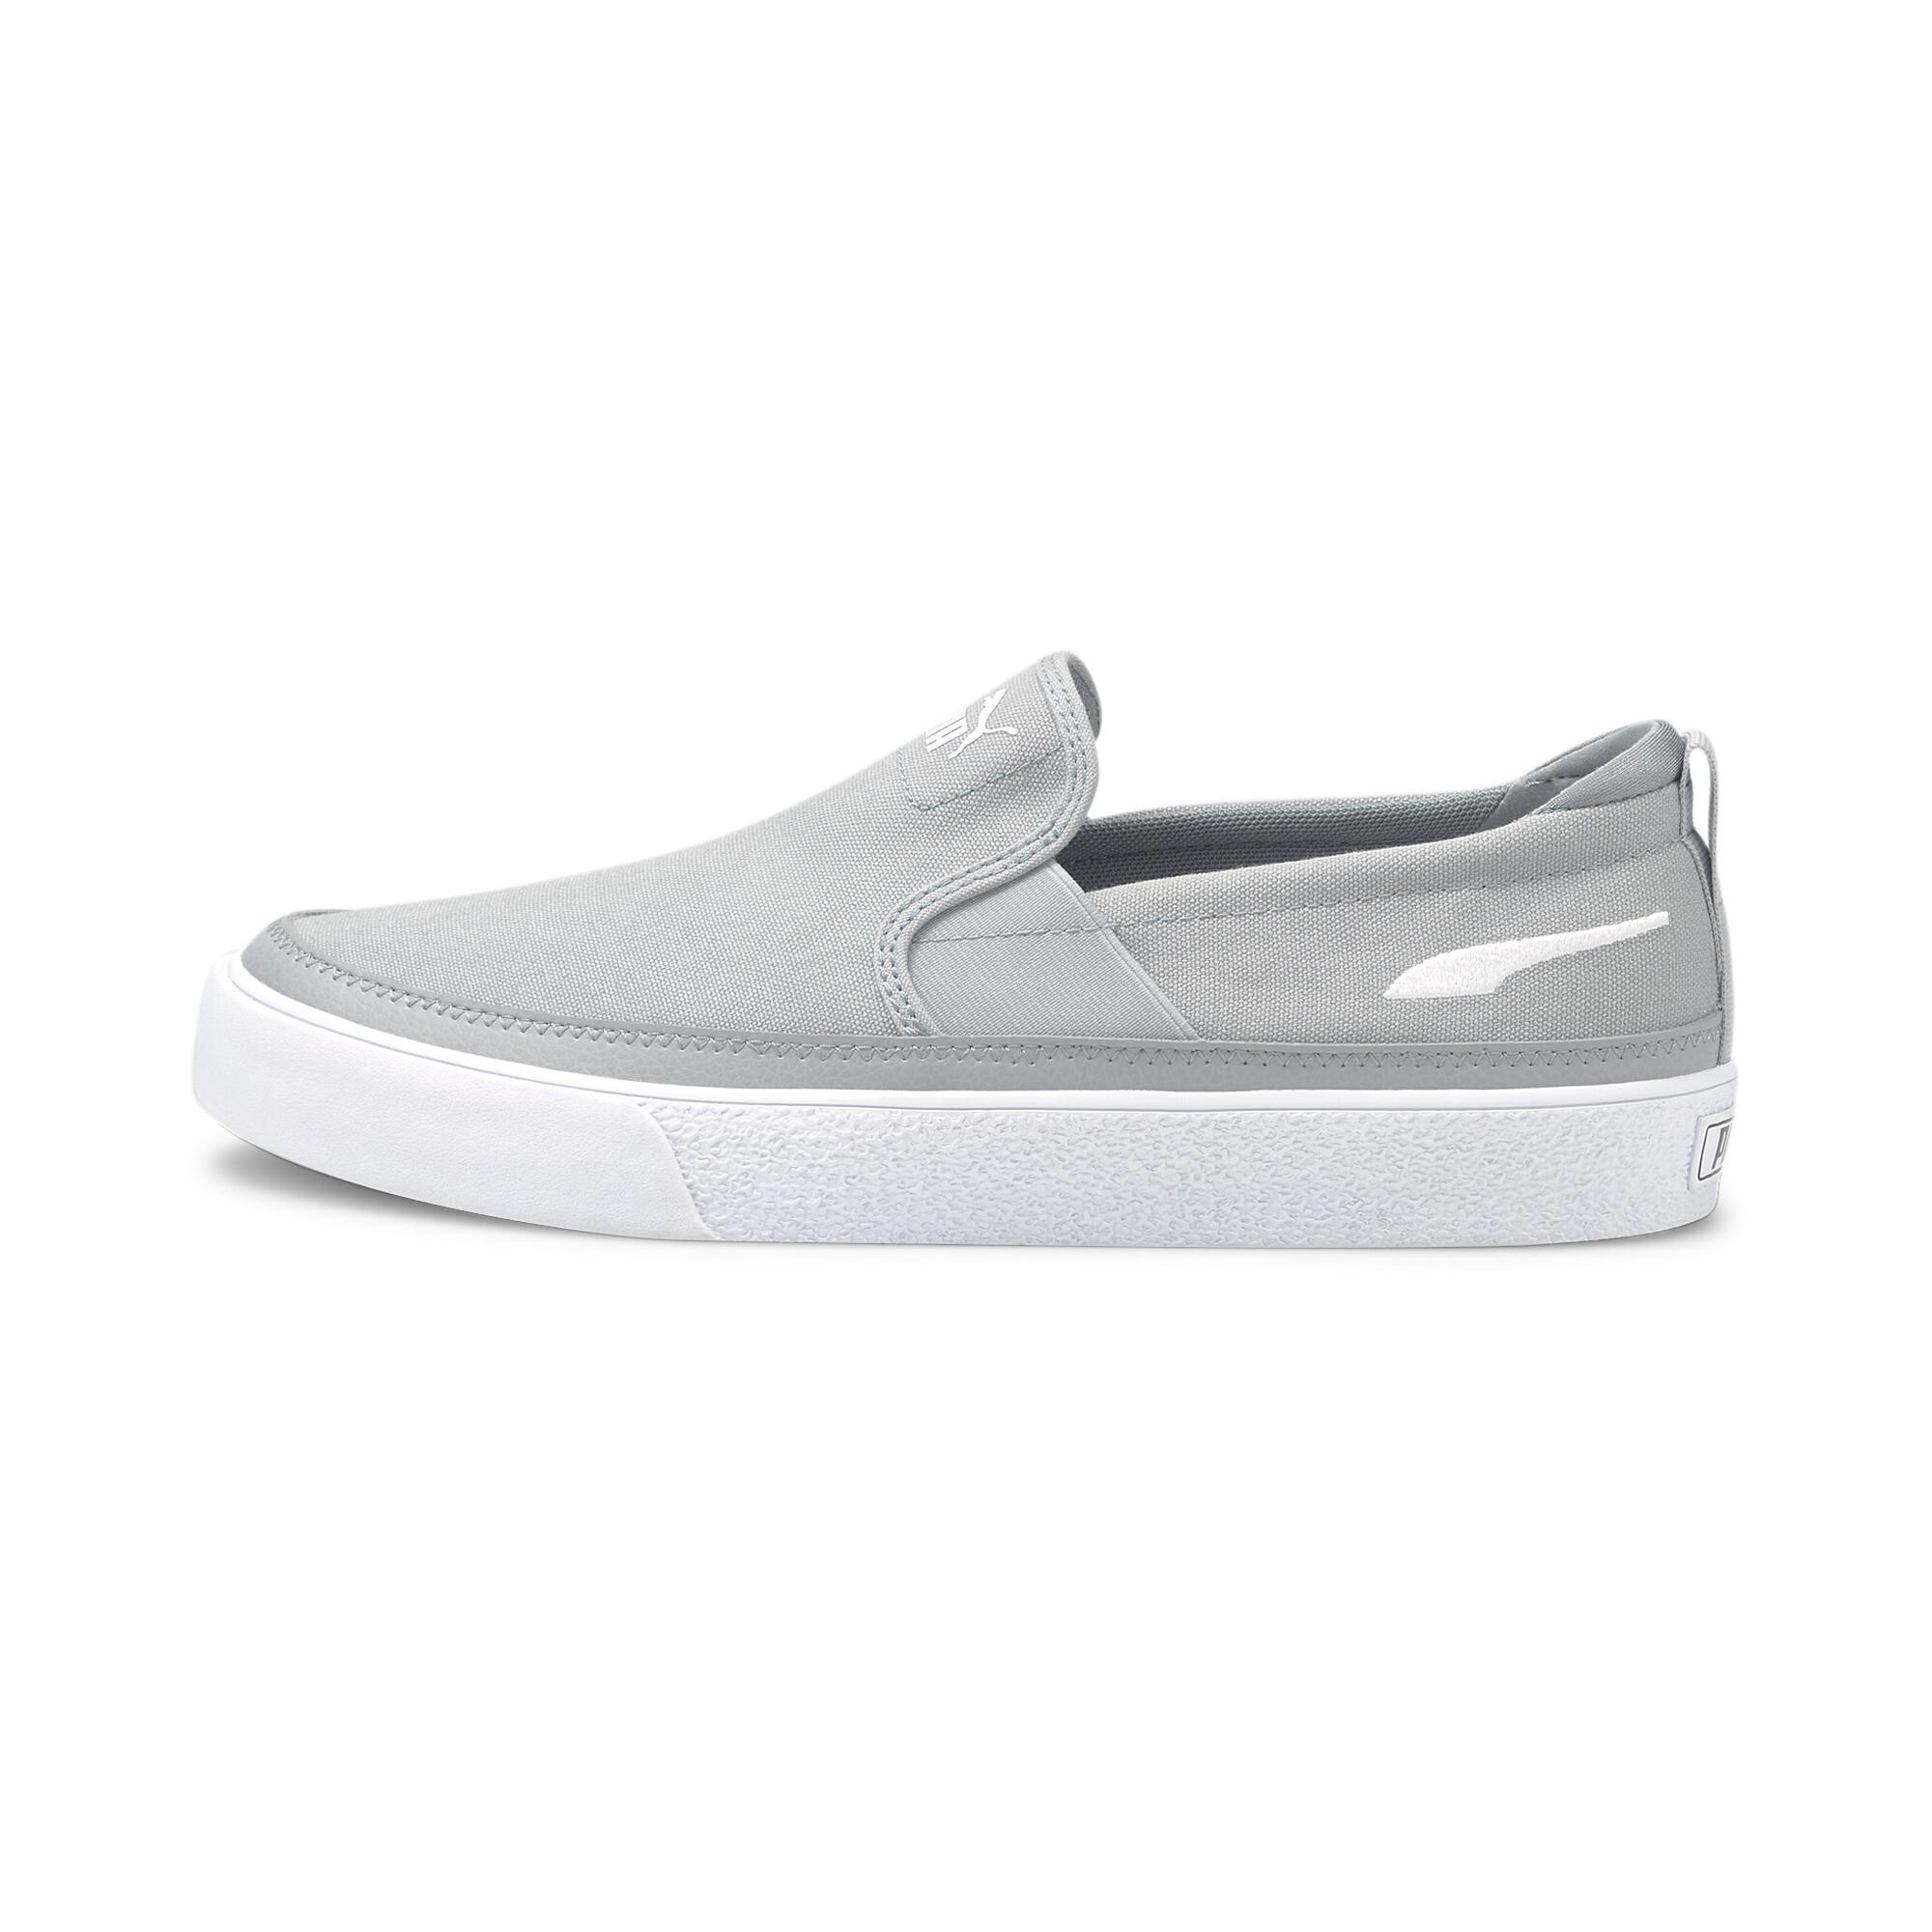 Quarry-Puma White